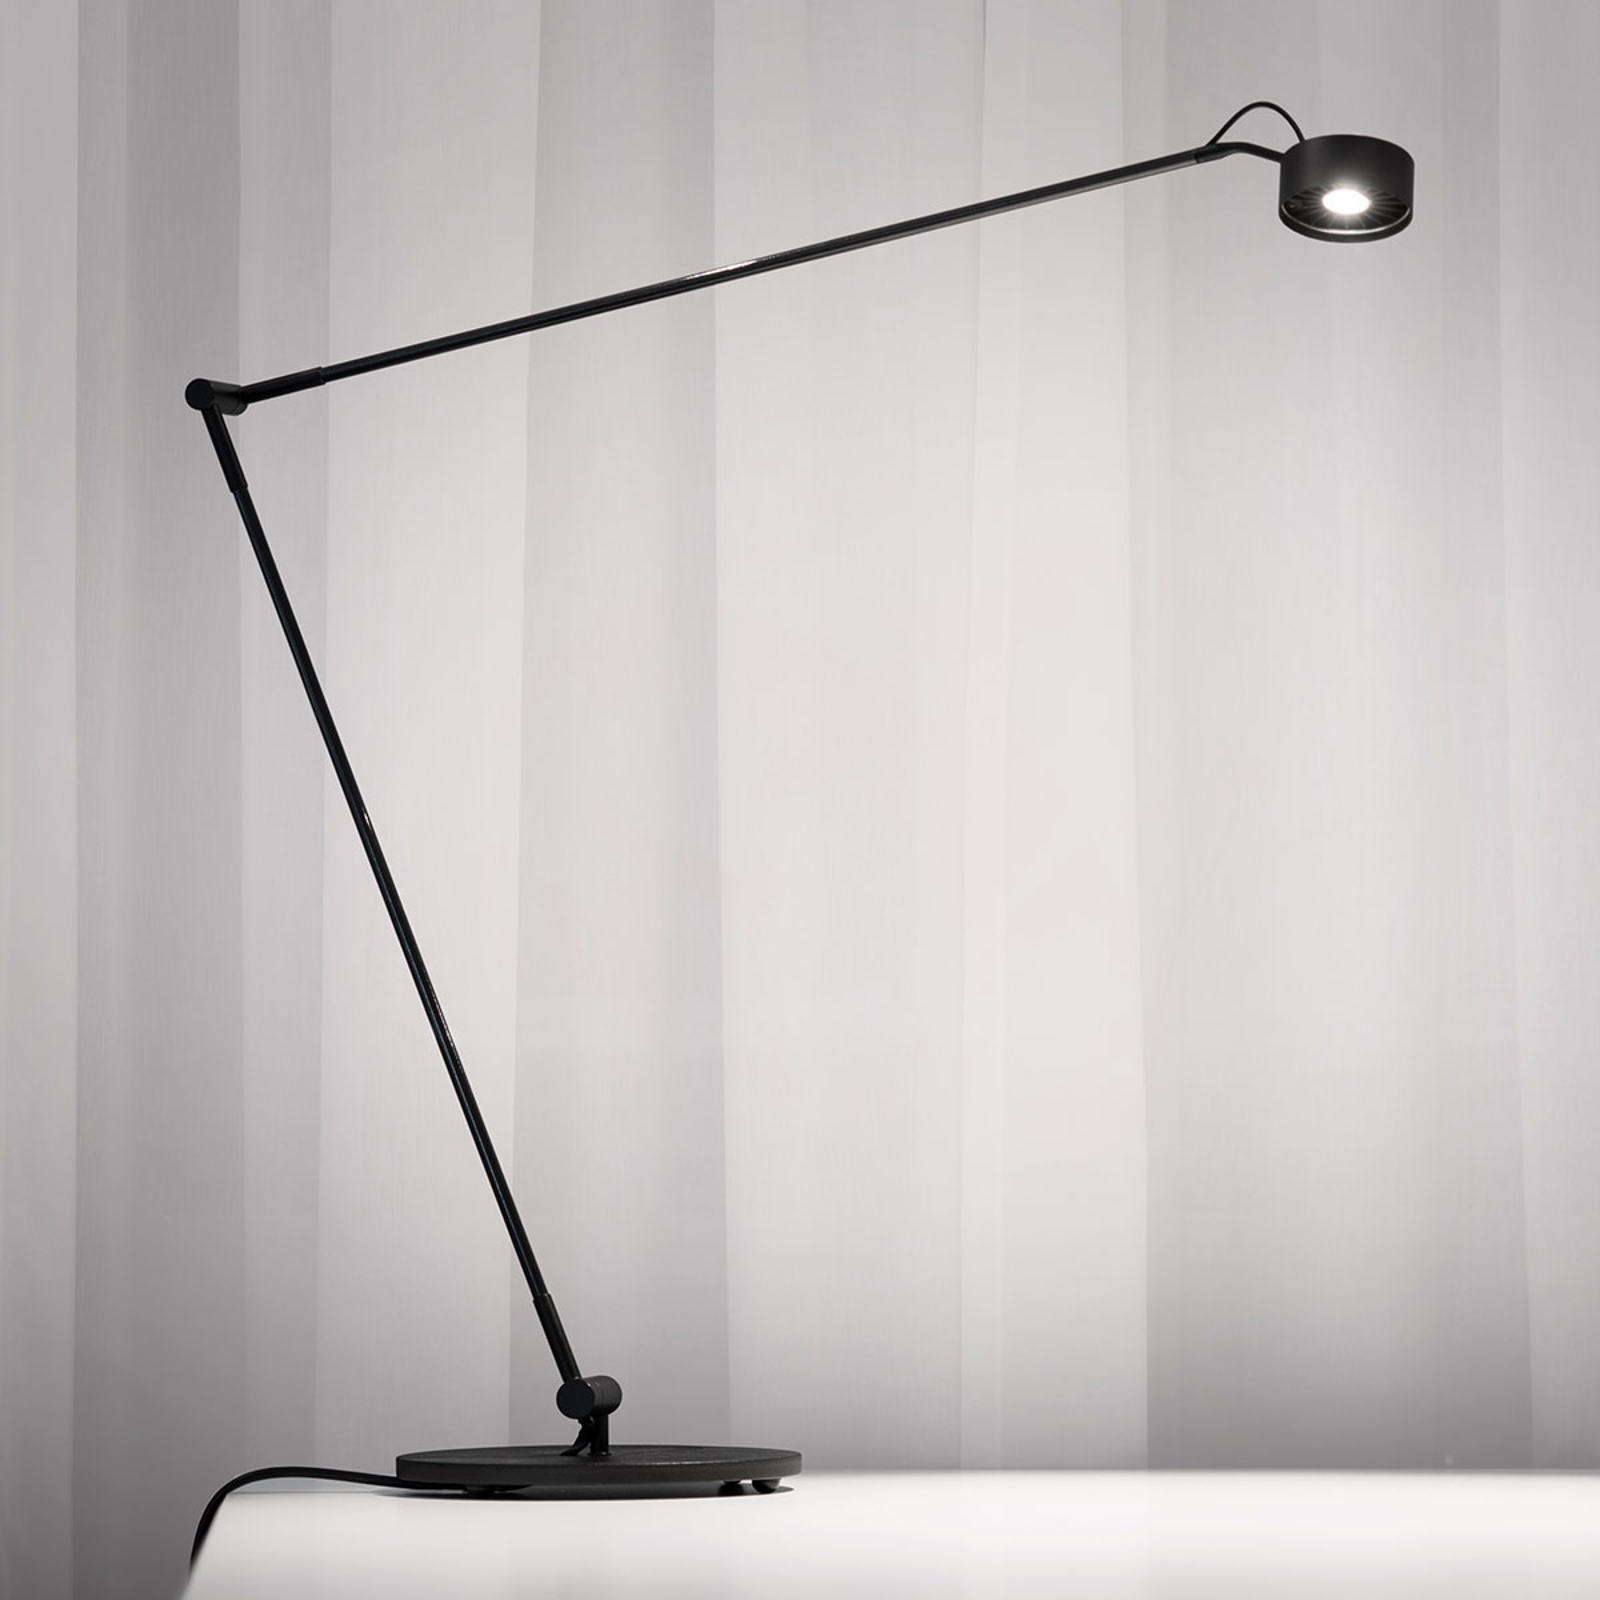 LED-Tischleuchte Basica 930 E mit Ausleger,schwarz